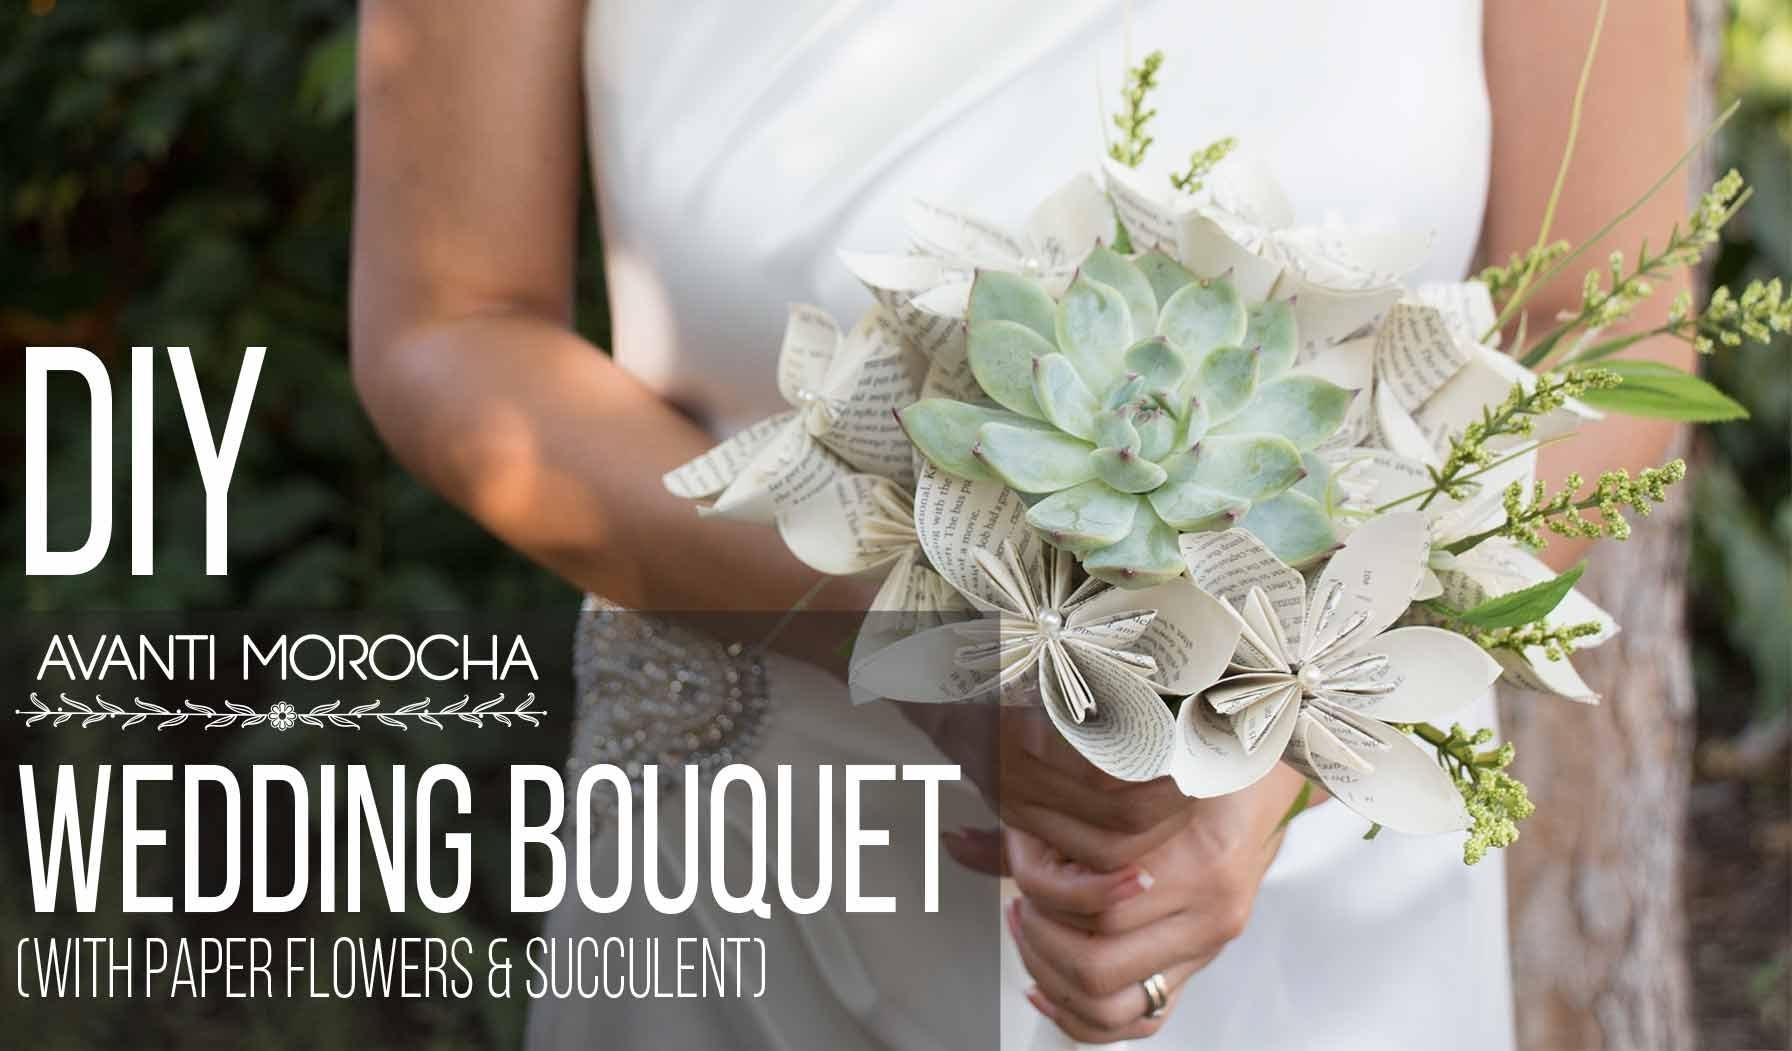 DIY Wedding Bouquet with Paper Flower & Succulent. Bouquet de Bodas